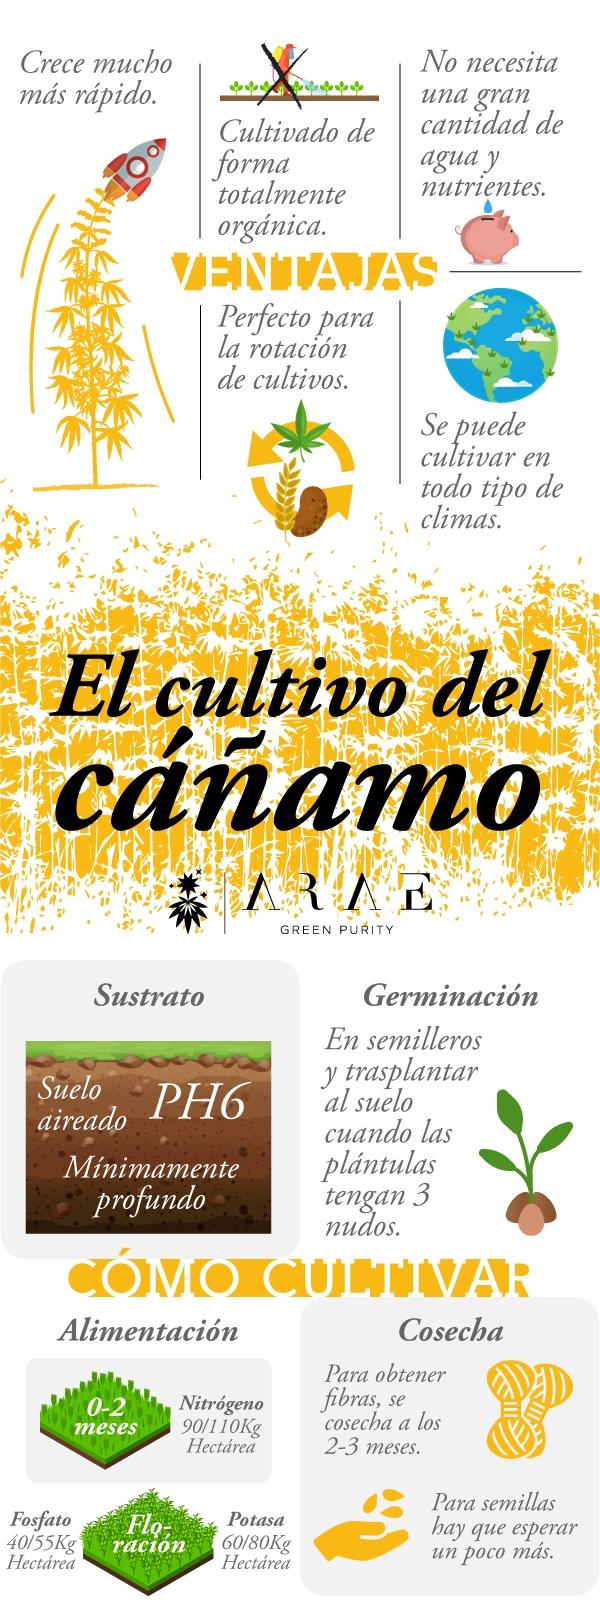 Imagen que muestra los requisitos para cultivar cáñamo e infografía representando las ventajas del cultivo de cáñamo*